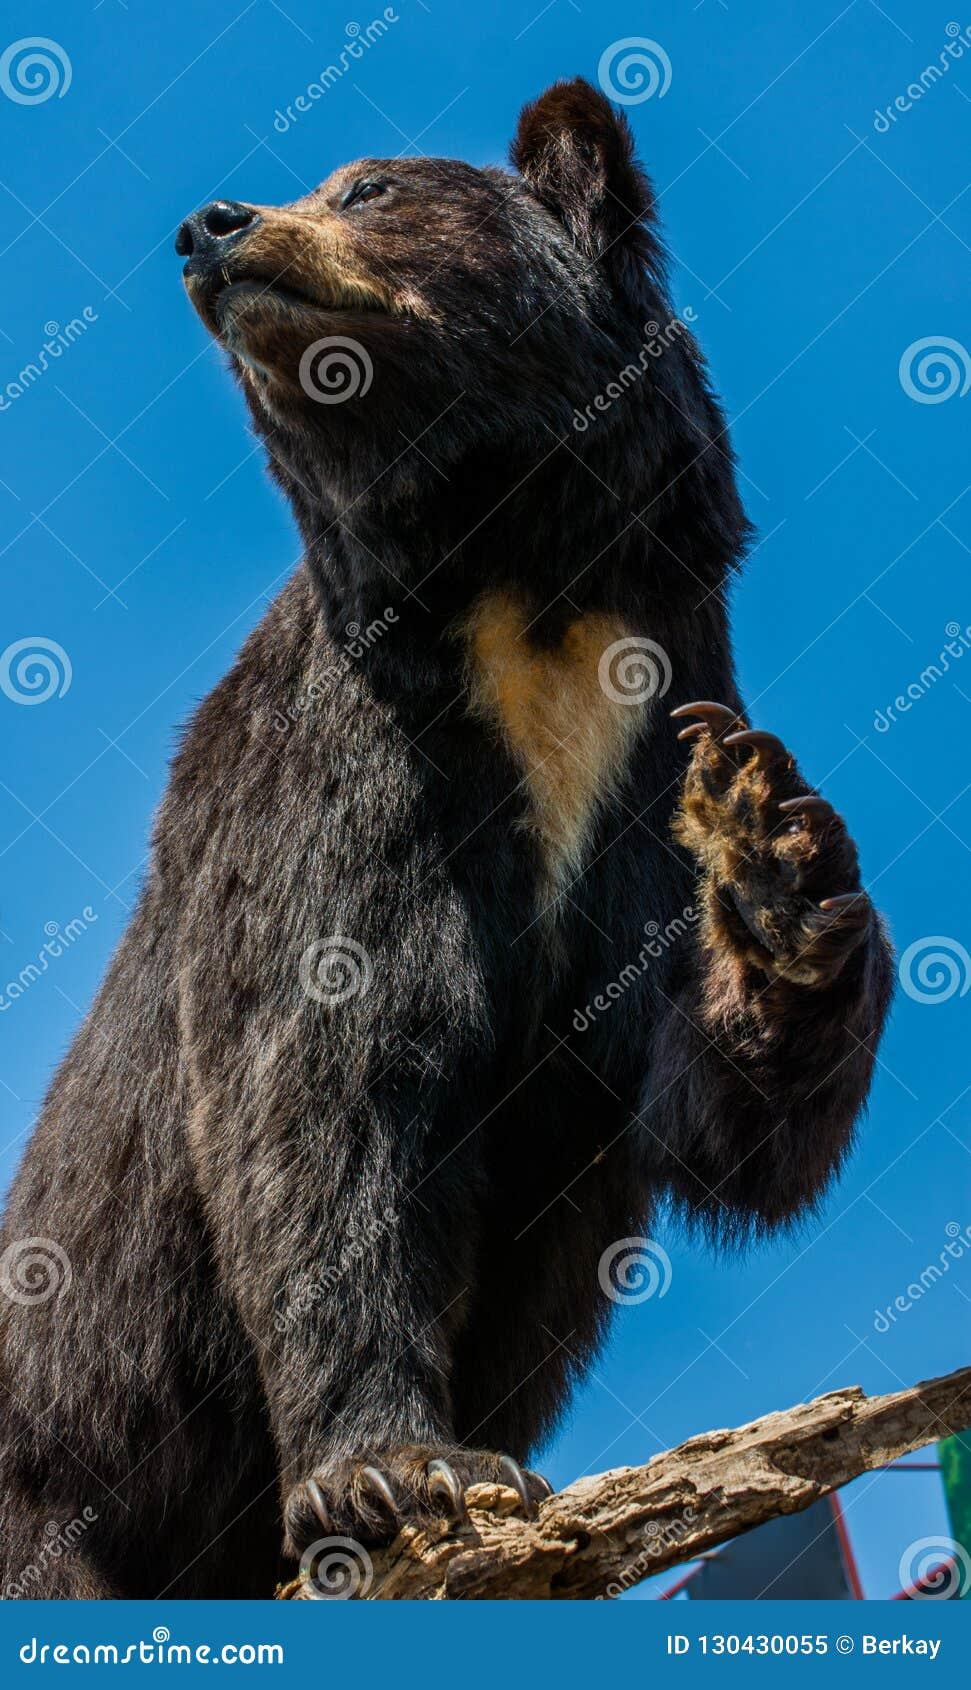 Faszerujący duży czarny niedźwiedź jako dzikie zwierzę w widoku